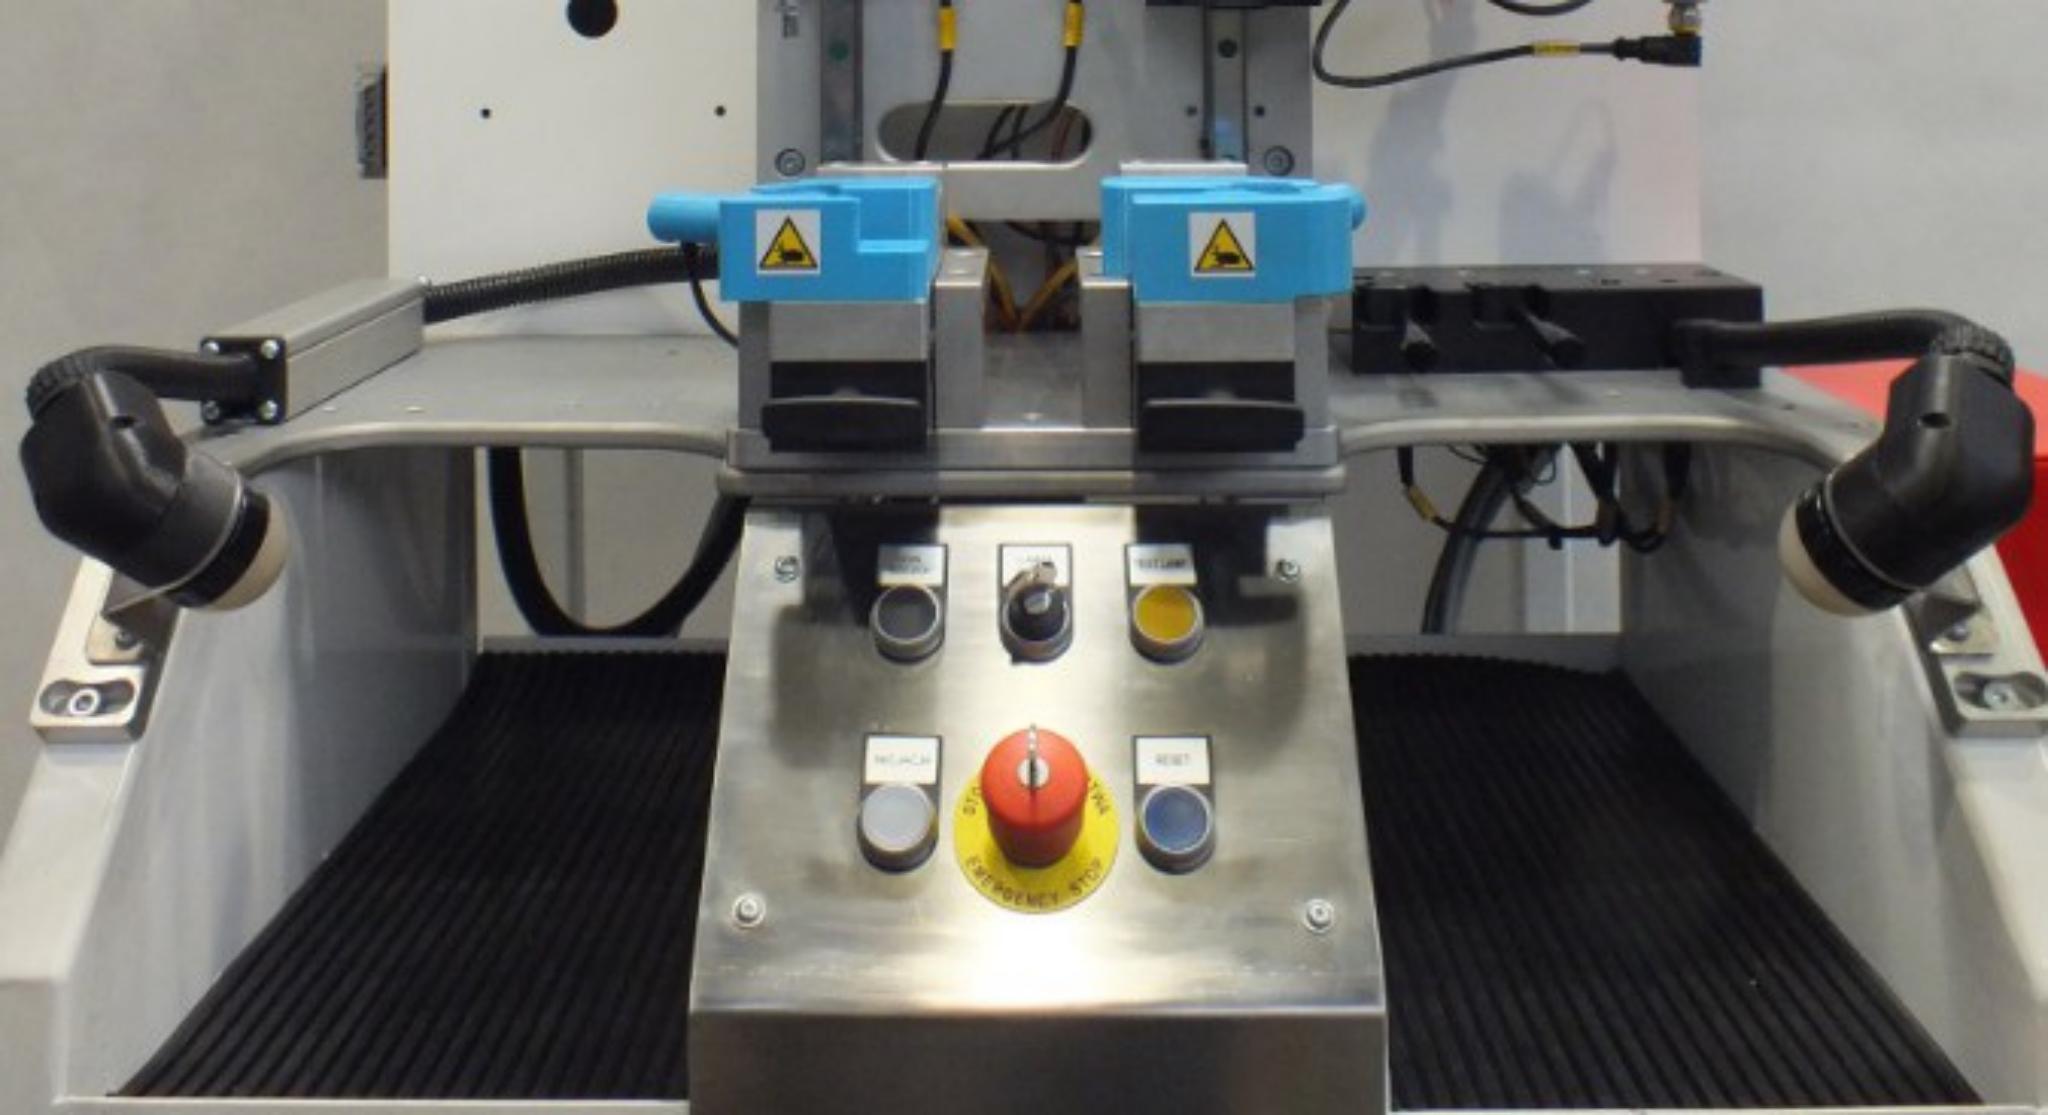 Zamontowanie wydrukowanych obudów w czujnikach Pick-to-Light zwiększyło ich wytrzymałość na mechaniczne uszkodzenia.